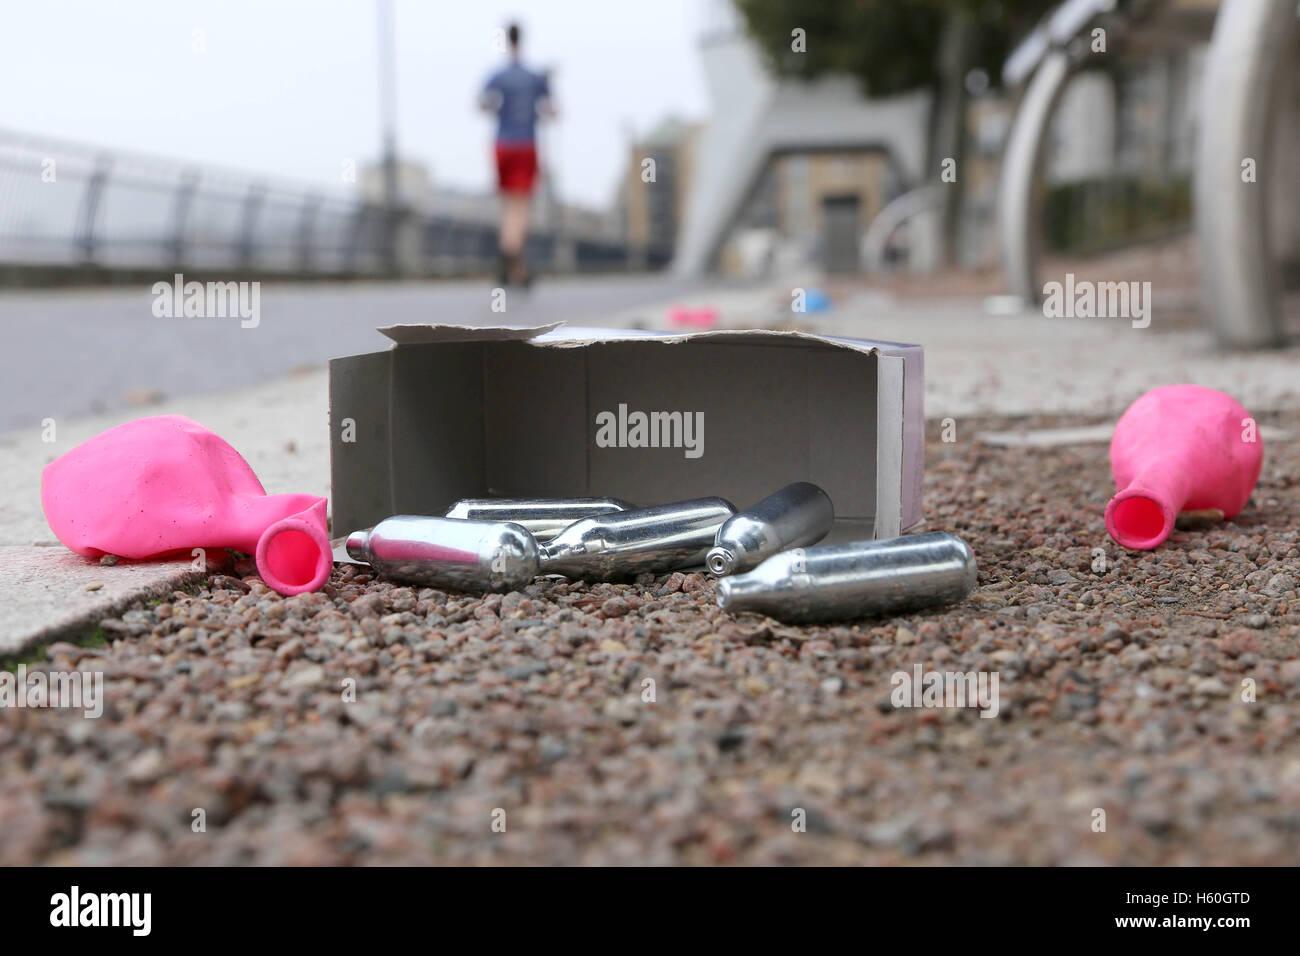 Bombonas de óxido nitroso, globos y cajas de basura por el camino del Támesis después de jóvenes pasan la noche inhalando el gas hilarante. Foto de stock